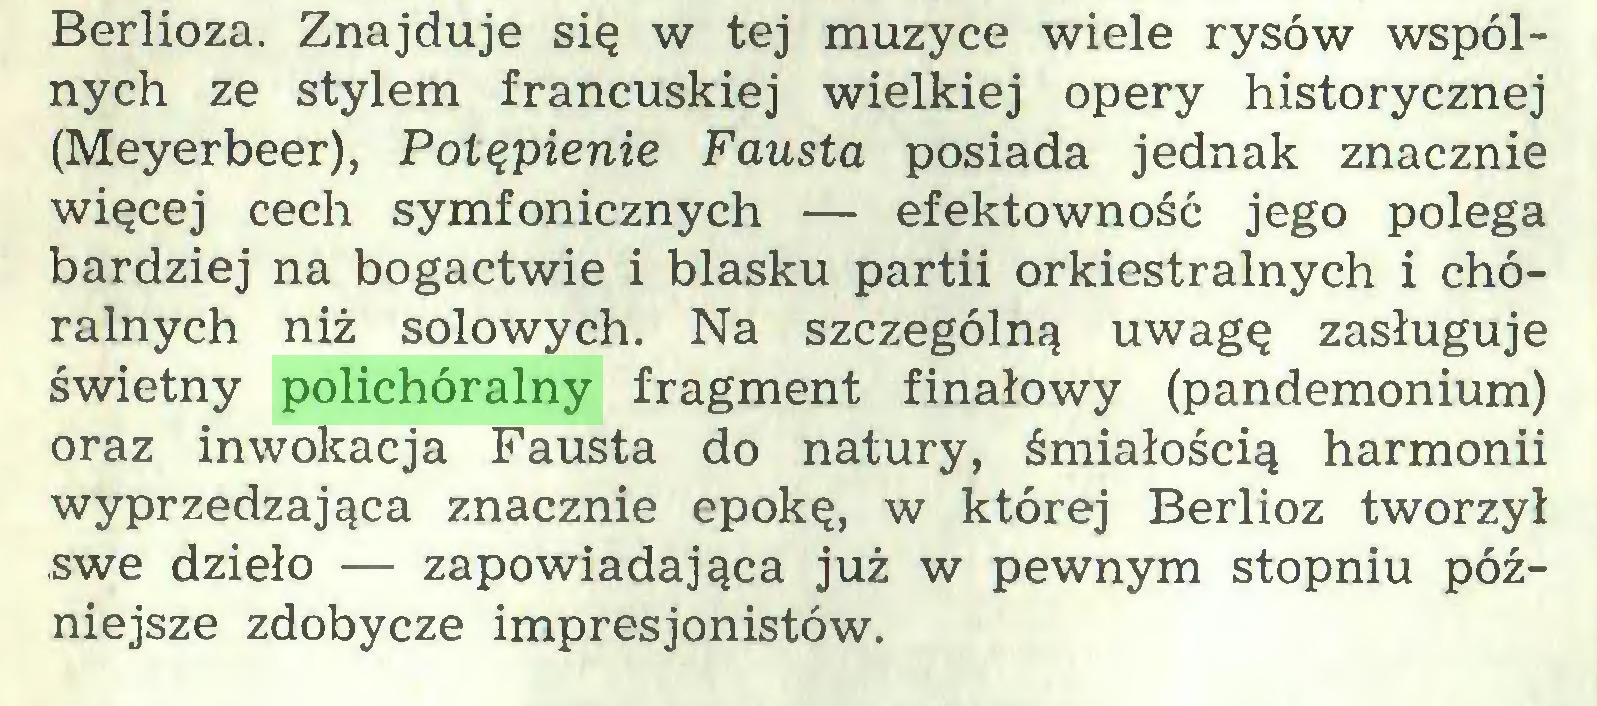 (...) Berlioza. Znajduje się w tej muzyce wiele rysów wspólnych ze stylem francuskiej wielkiej opery historycznej (Meyerbeer), Potępienie Fausta posiada jednak znacznie więcej cech symfonicznych — efektowność jego polega bardziej na bogactwie i blasku partii orkiestralnych i chóralnych niż solowych. Na szczególną uwagę zasługuje świetny polichóralny fragment finałowy (pandemonium) oraz inwokacja Fausta do natury, śmiałością harmonii wyprzedzająca znacznie epokę, w której Berlioz tworzył swe dzieło — zapowiadająca już w pewnym stopniu późniejsze zdobycze impresjonistów...